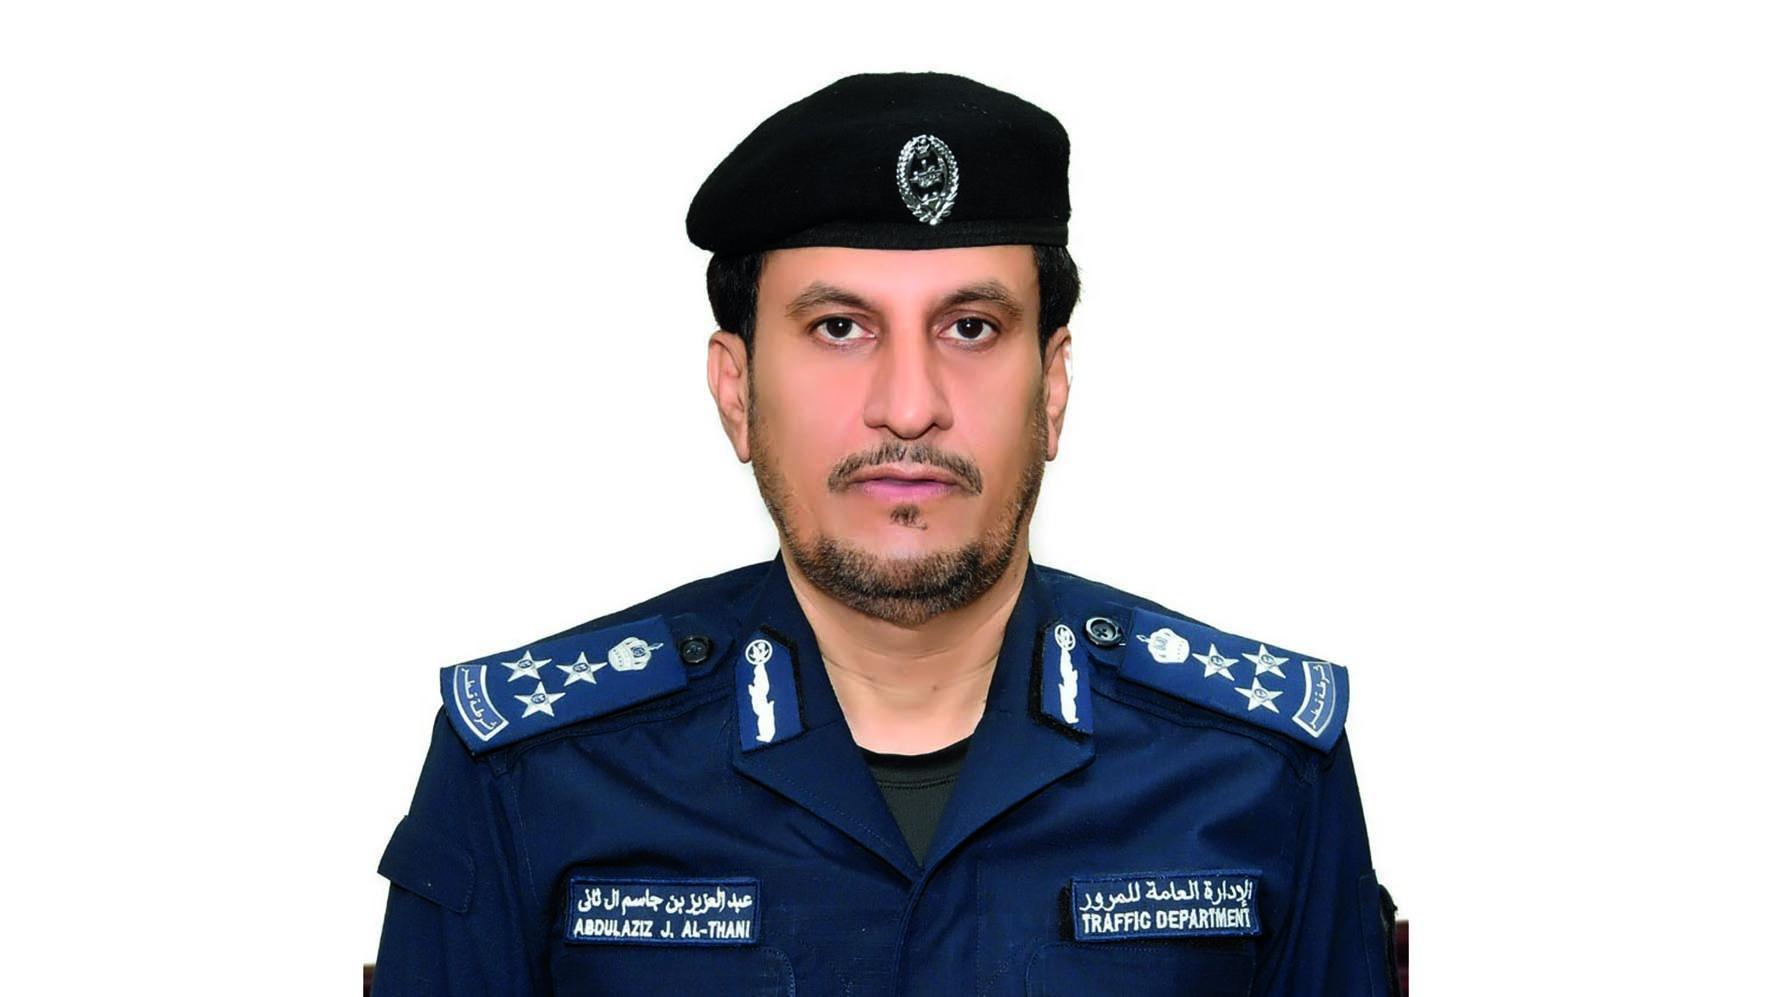 العميد عبدالعزيز بن جاسم آل ثاني